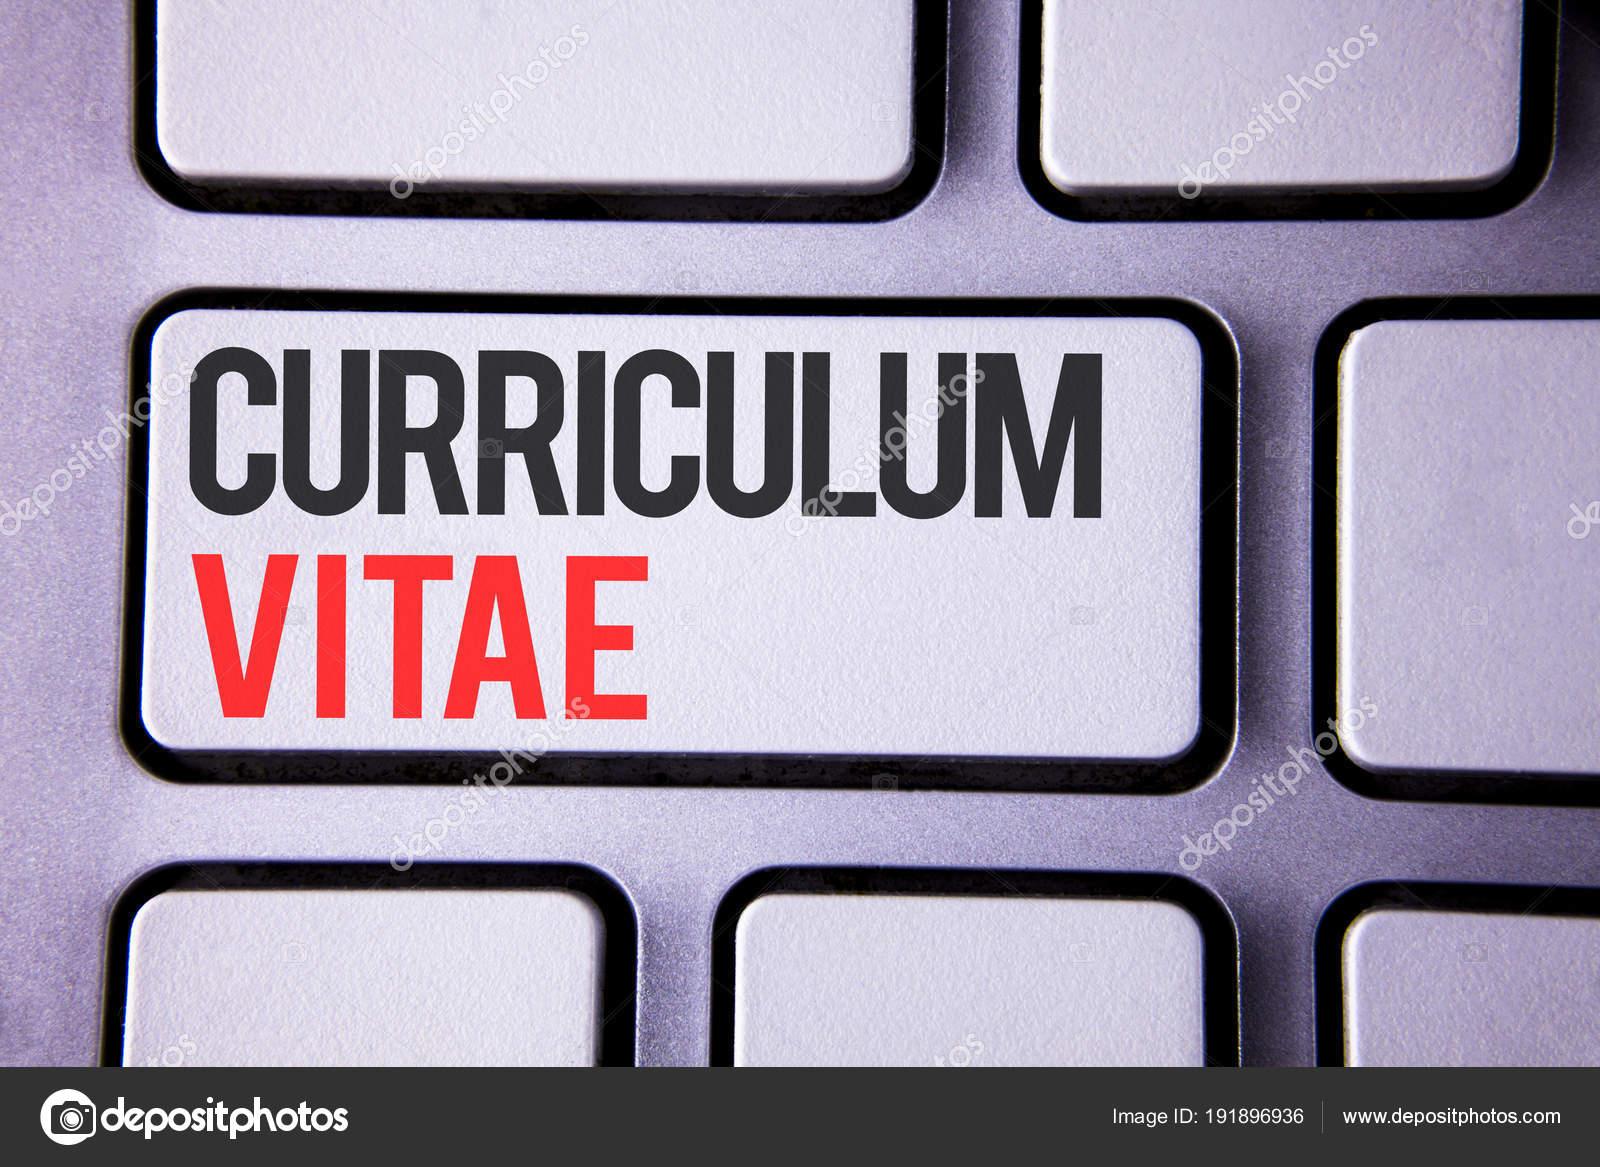 Texto Cursivo Curriculum Vitae Concepto Significado Contratacion